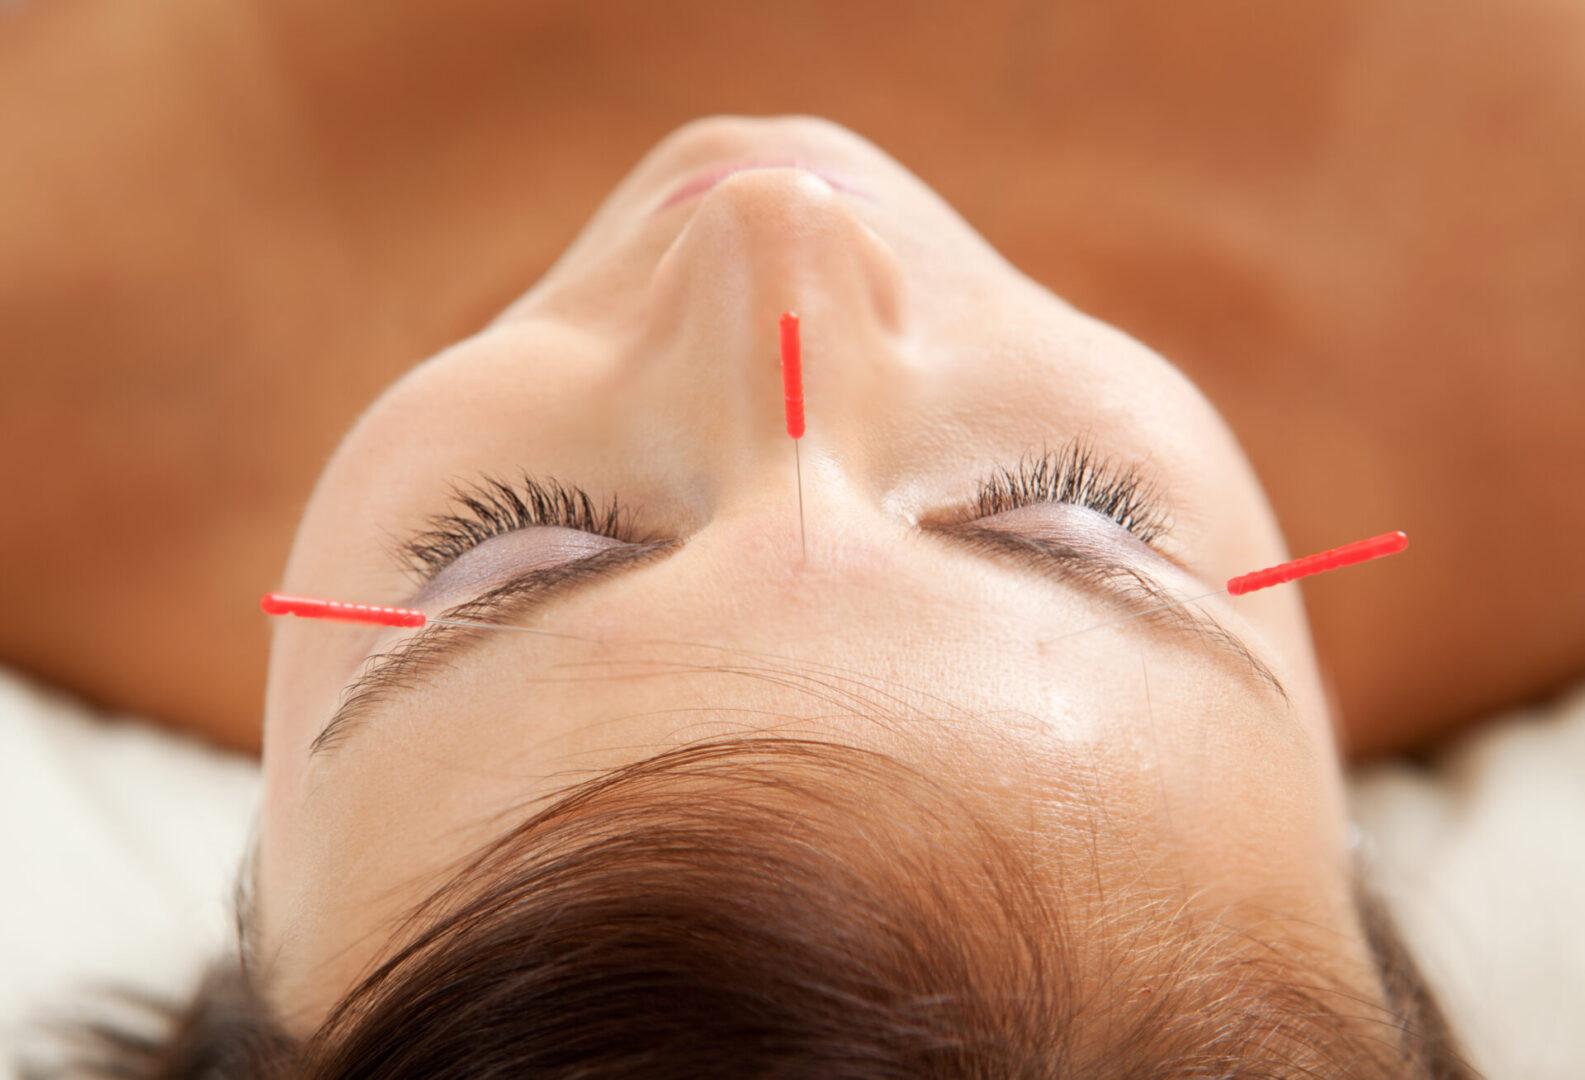 facial needles female-0001